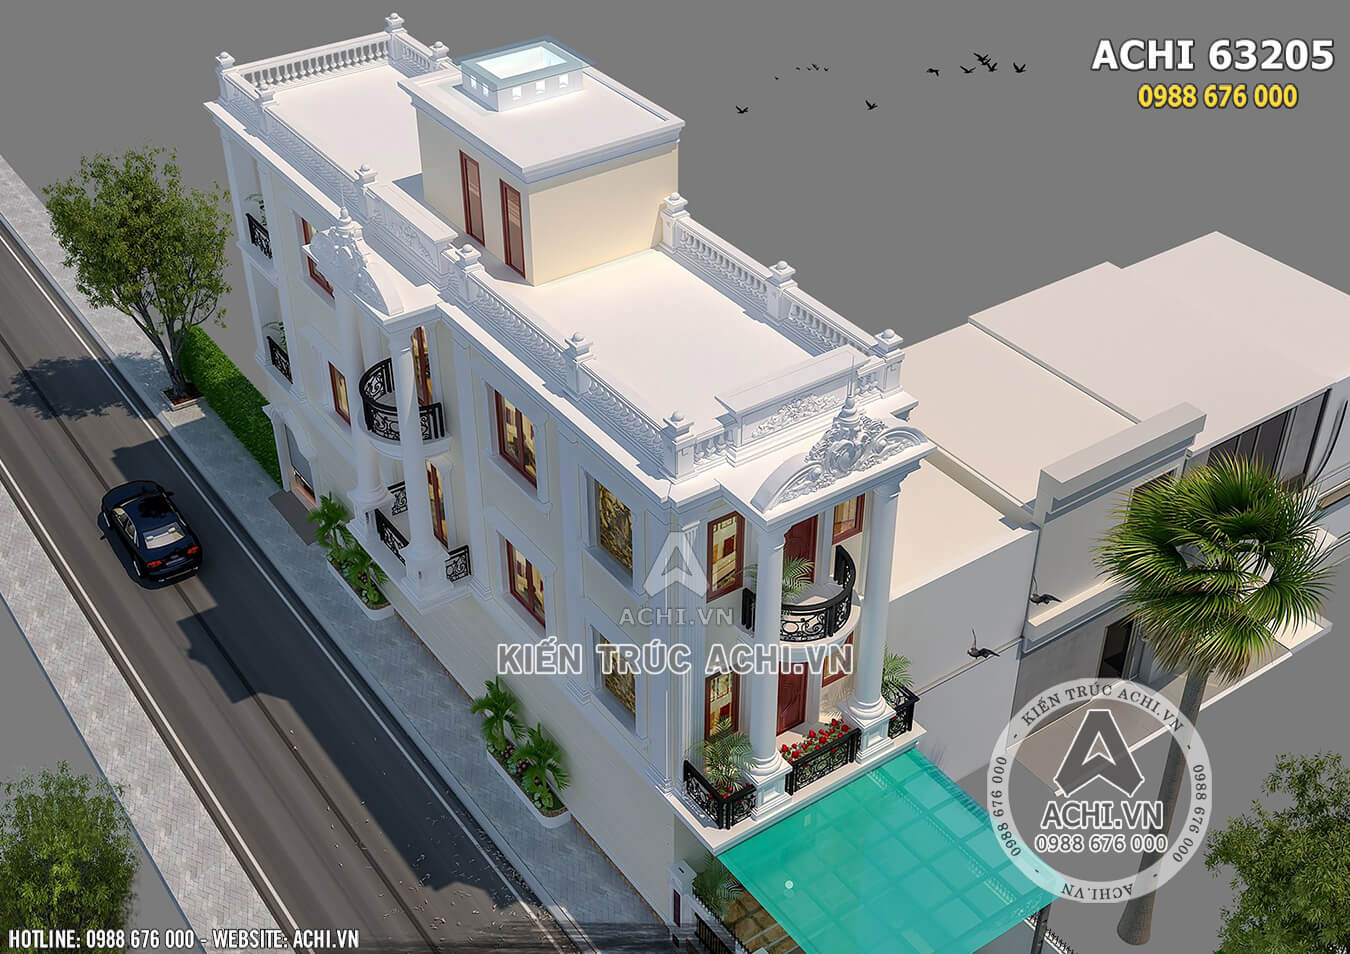 Ngôi nhà phố tân cổ điển 3 tầng nhìn từ trên cao